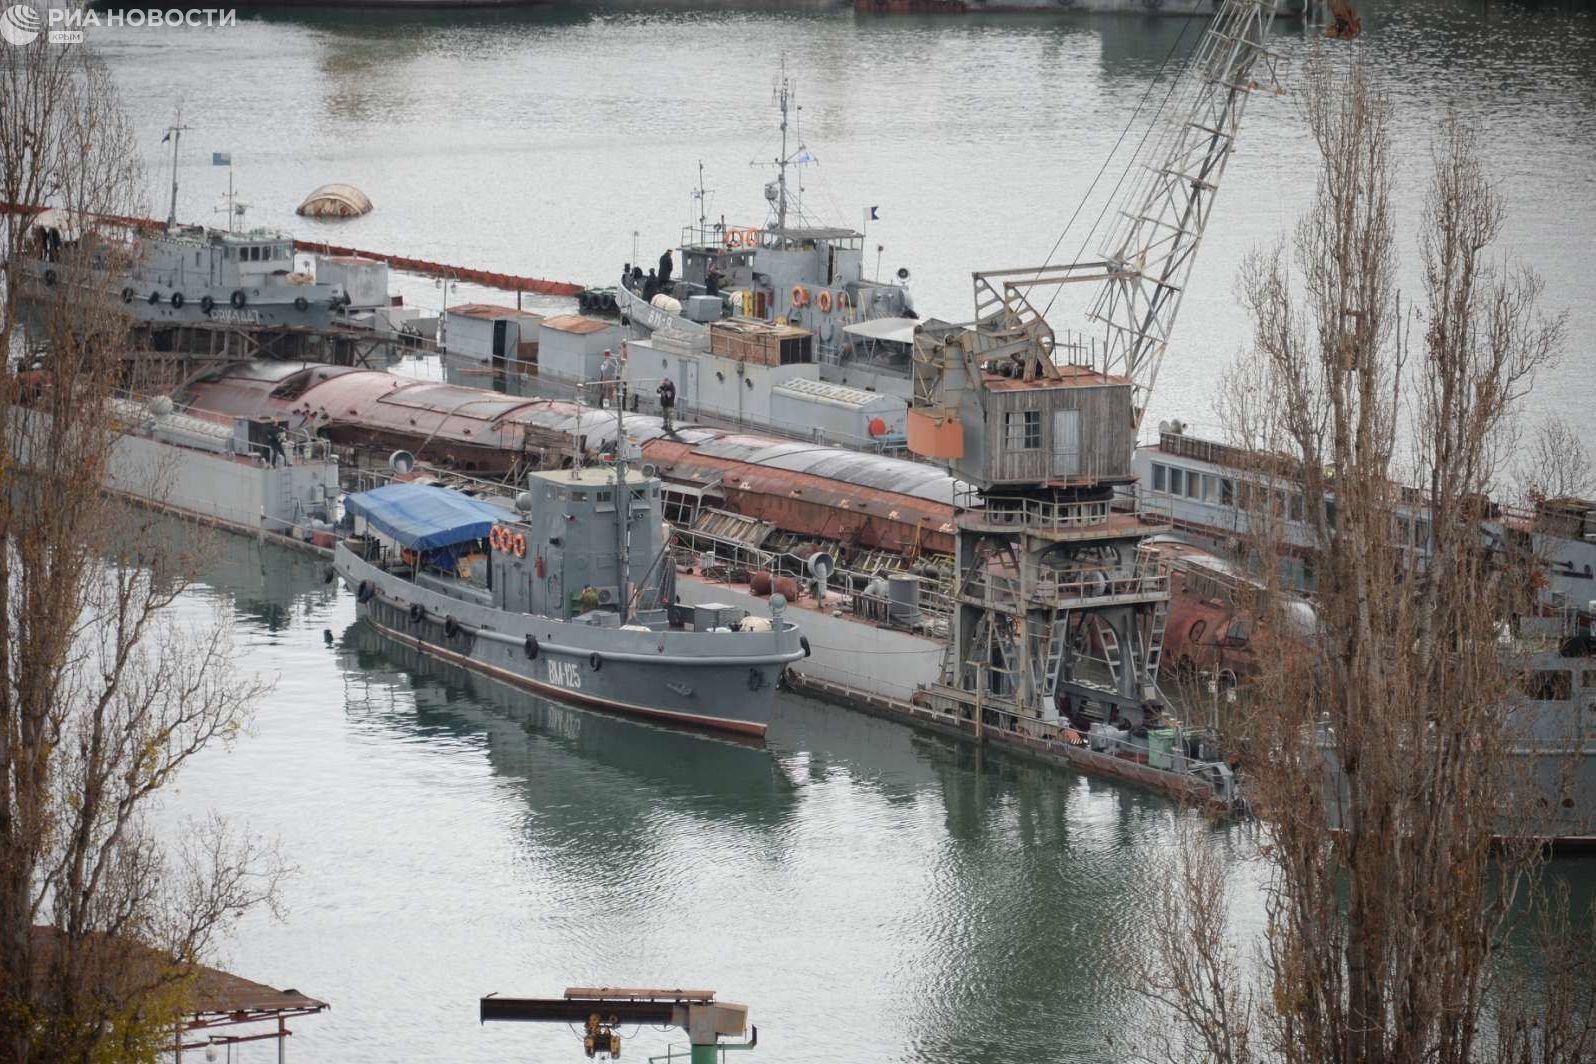 Лишь четверть затонувшего в Севастополе плавдока с подлодкой остается над водой